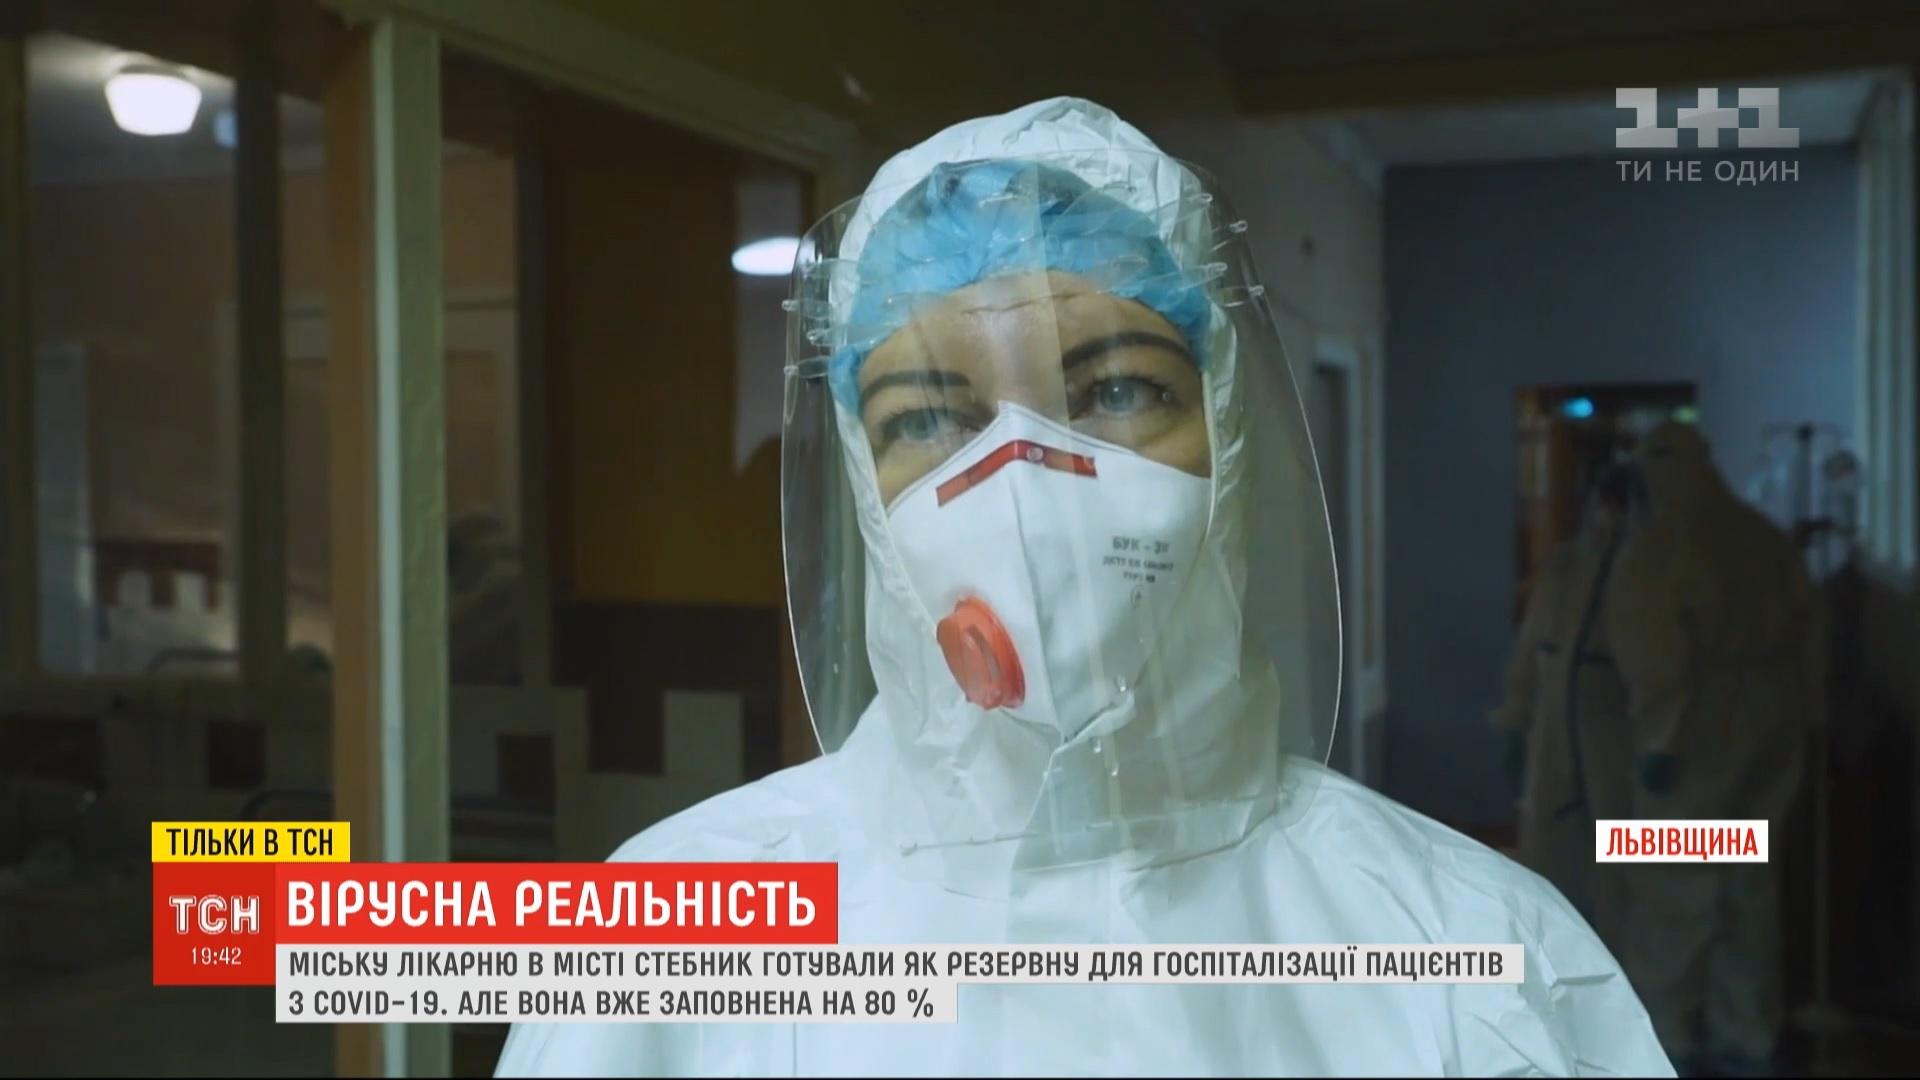 Боротьба з COVID-19: Що відбувається у палатах та реанімації Стебницької міської лікарні. Репортаж ТСН